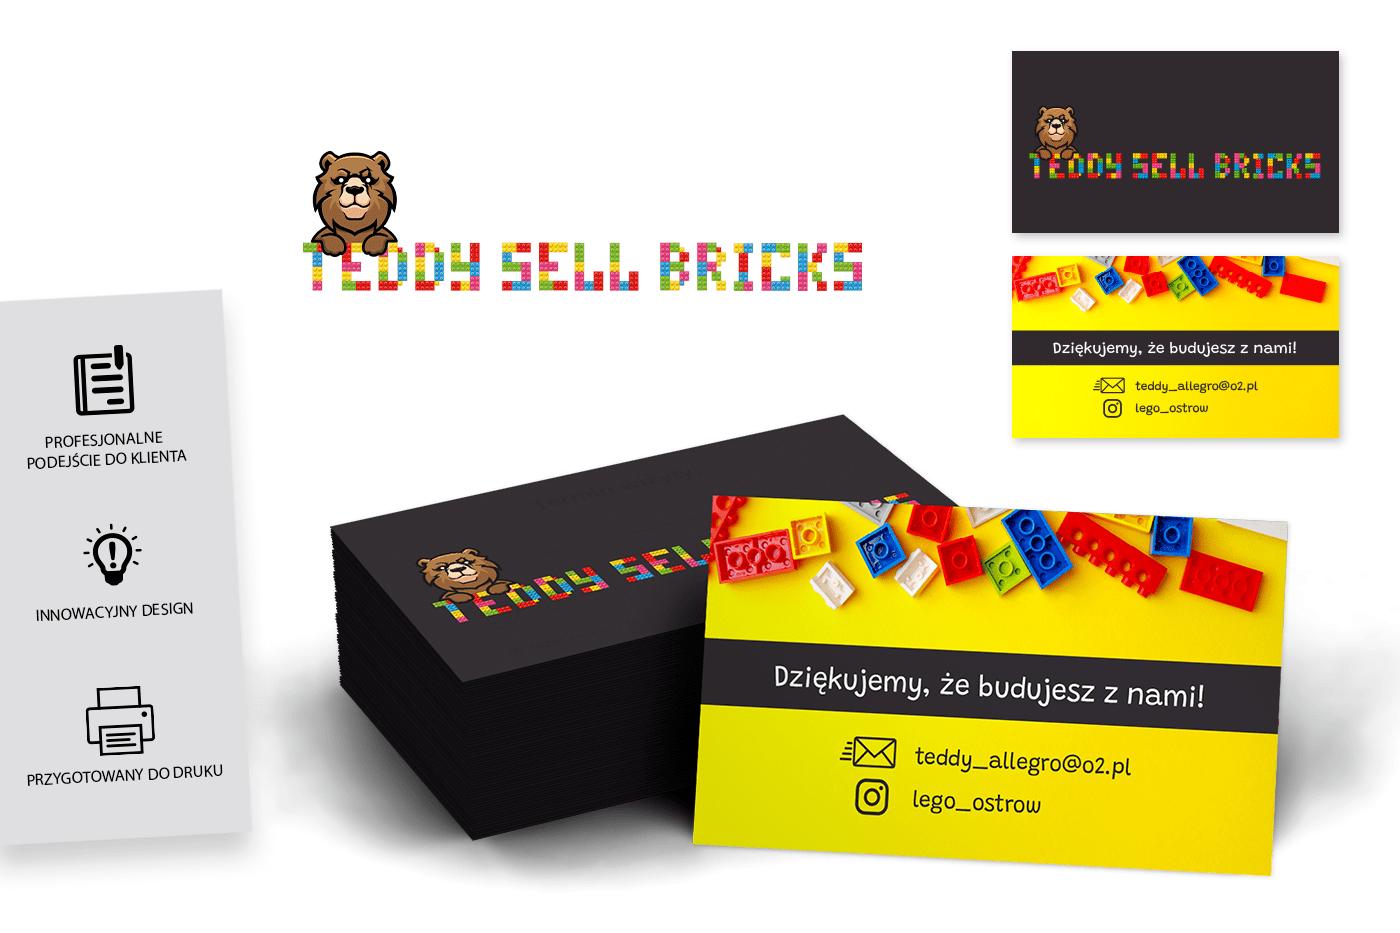 Teddy sell bricks - Wizytówka Geek Imagination